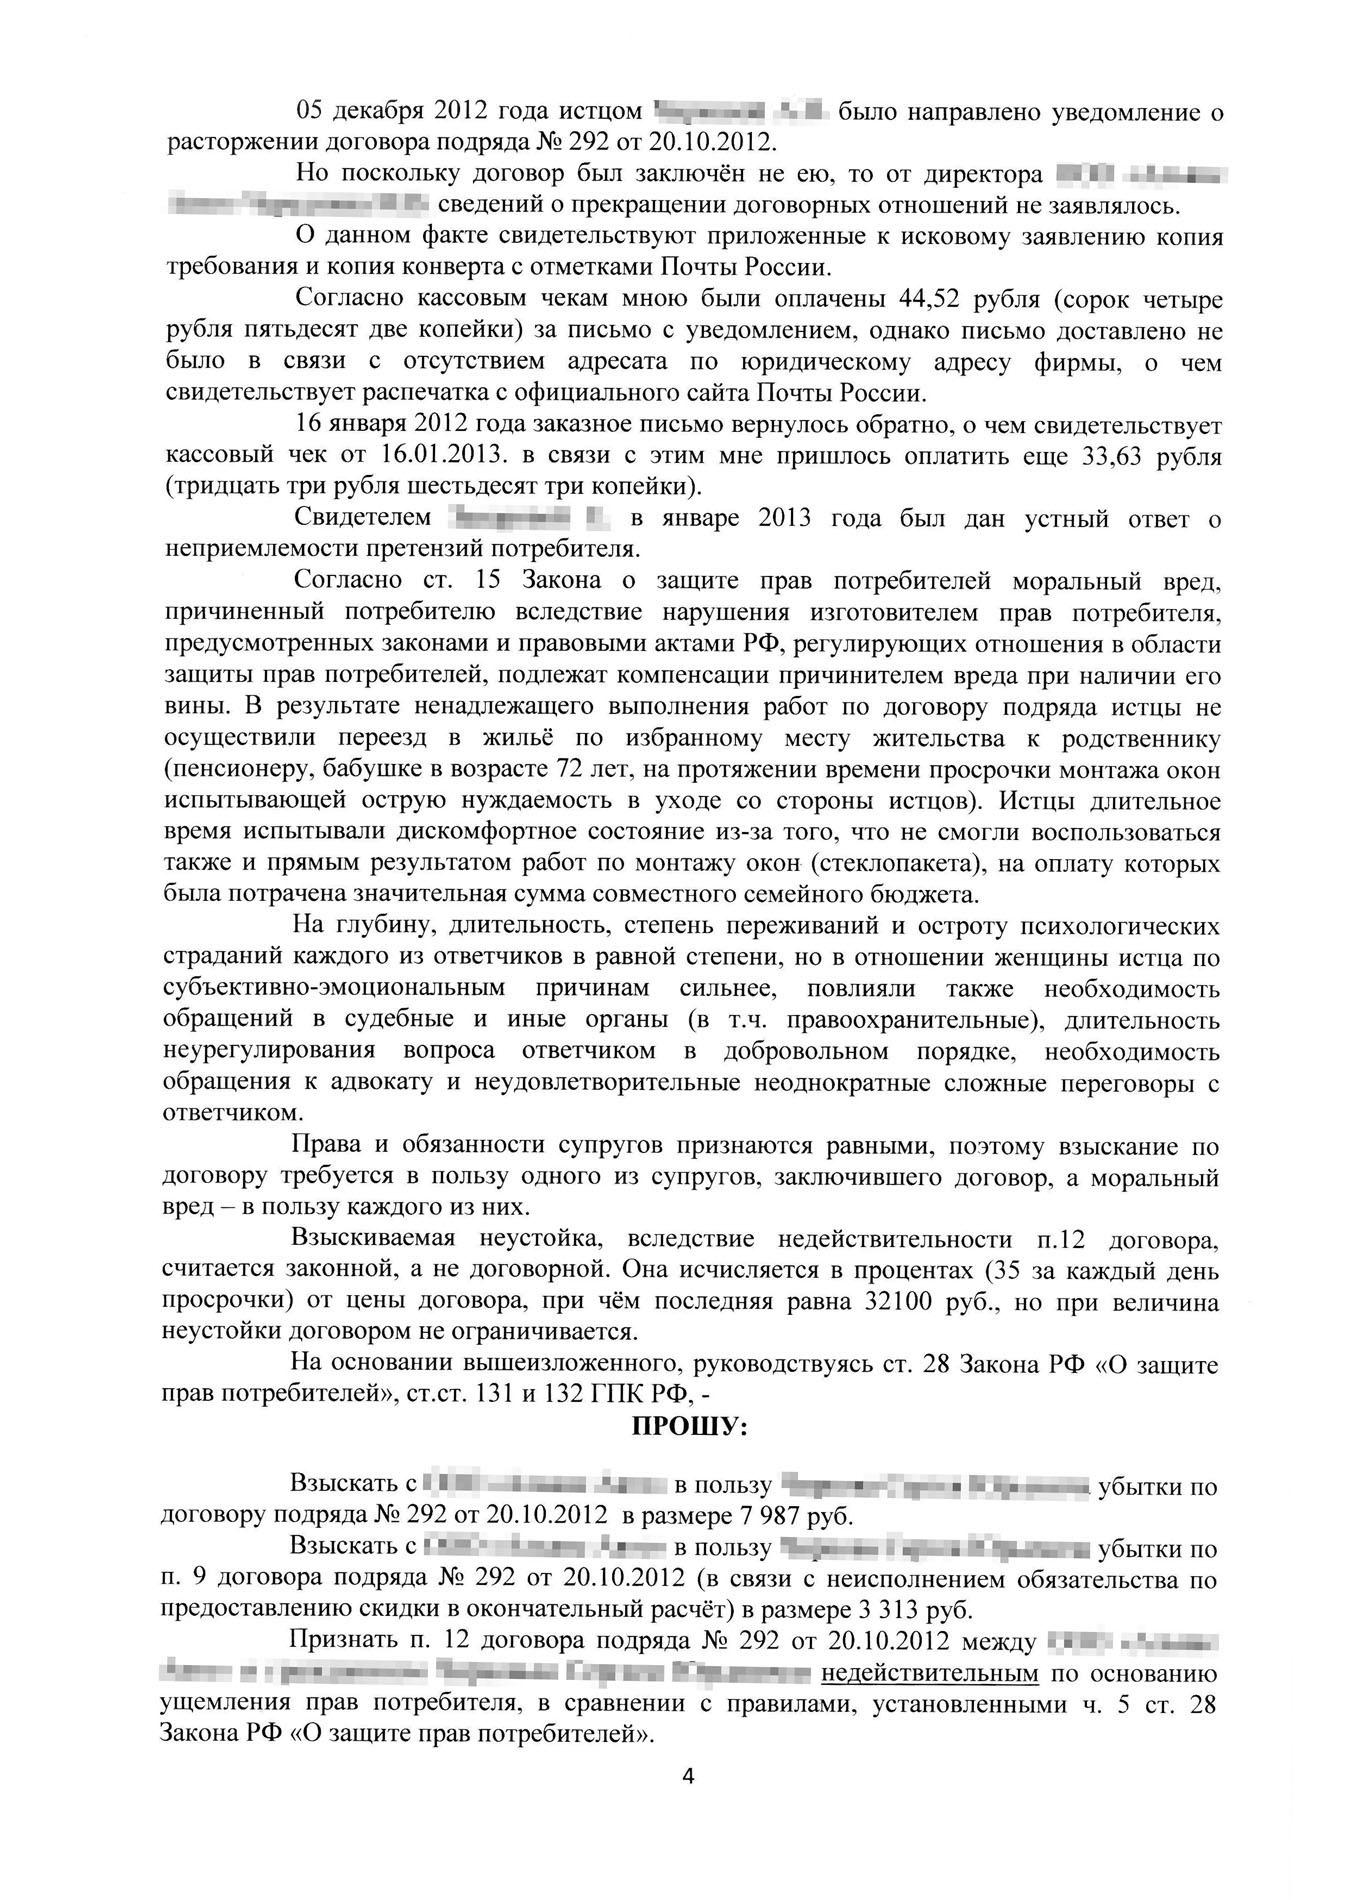 Исковое заявление в суд по делу об установке окон